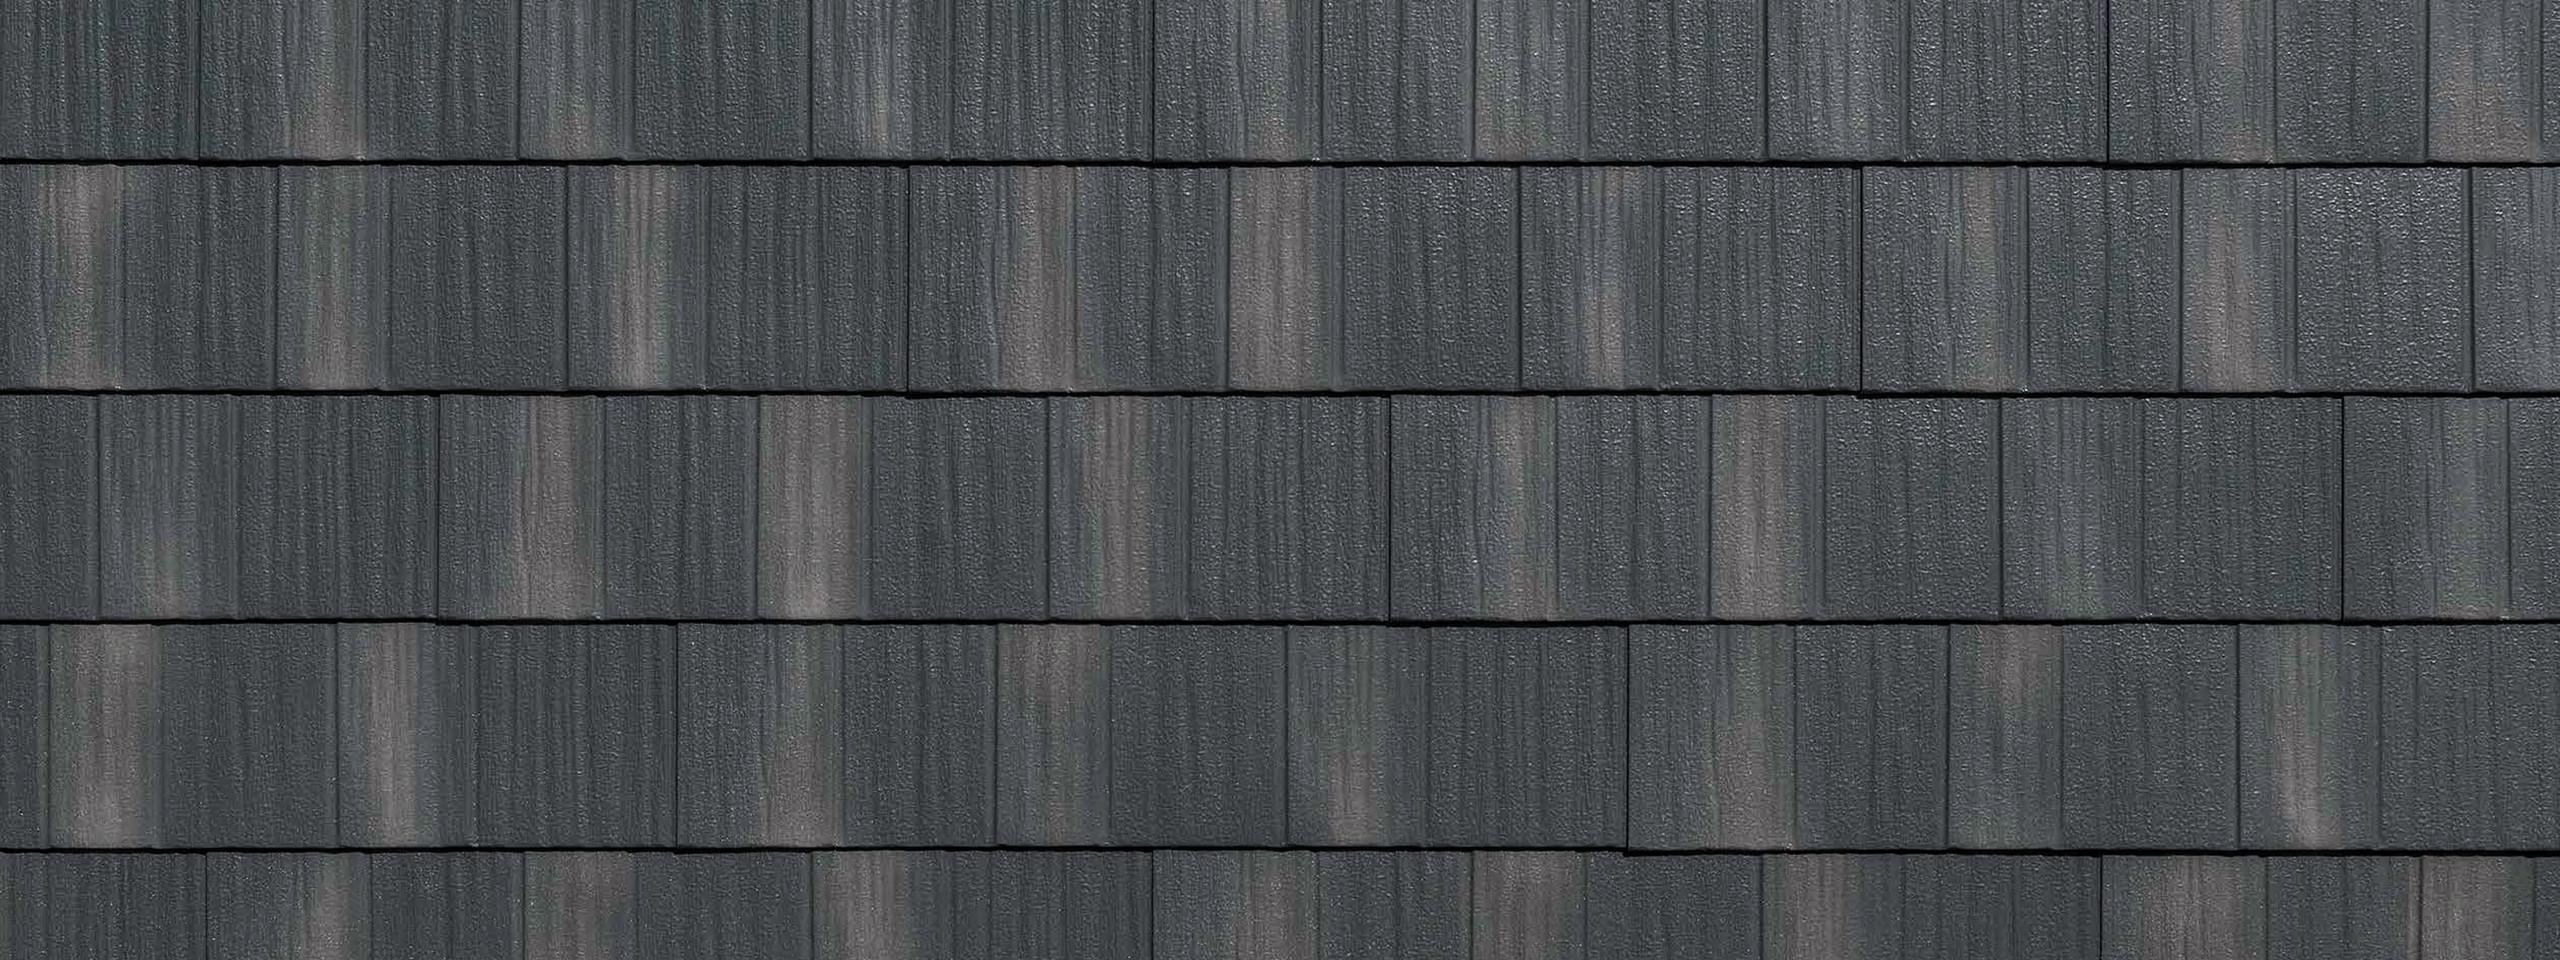 Infiniti® Textured Steel Shake - Granite Gray